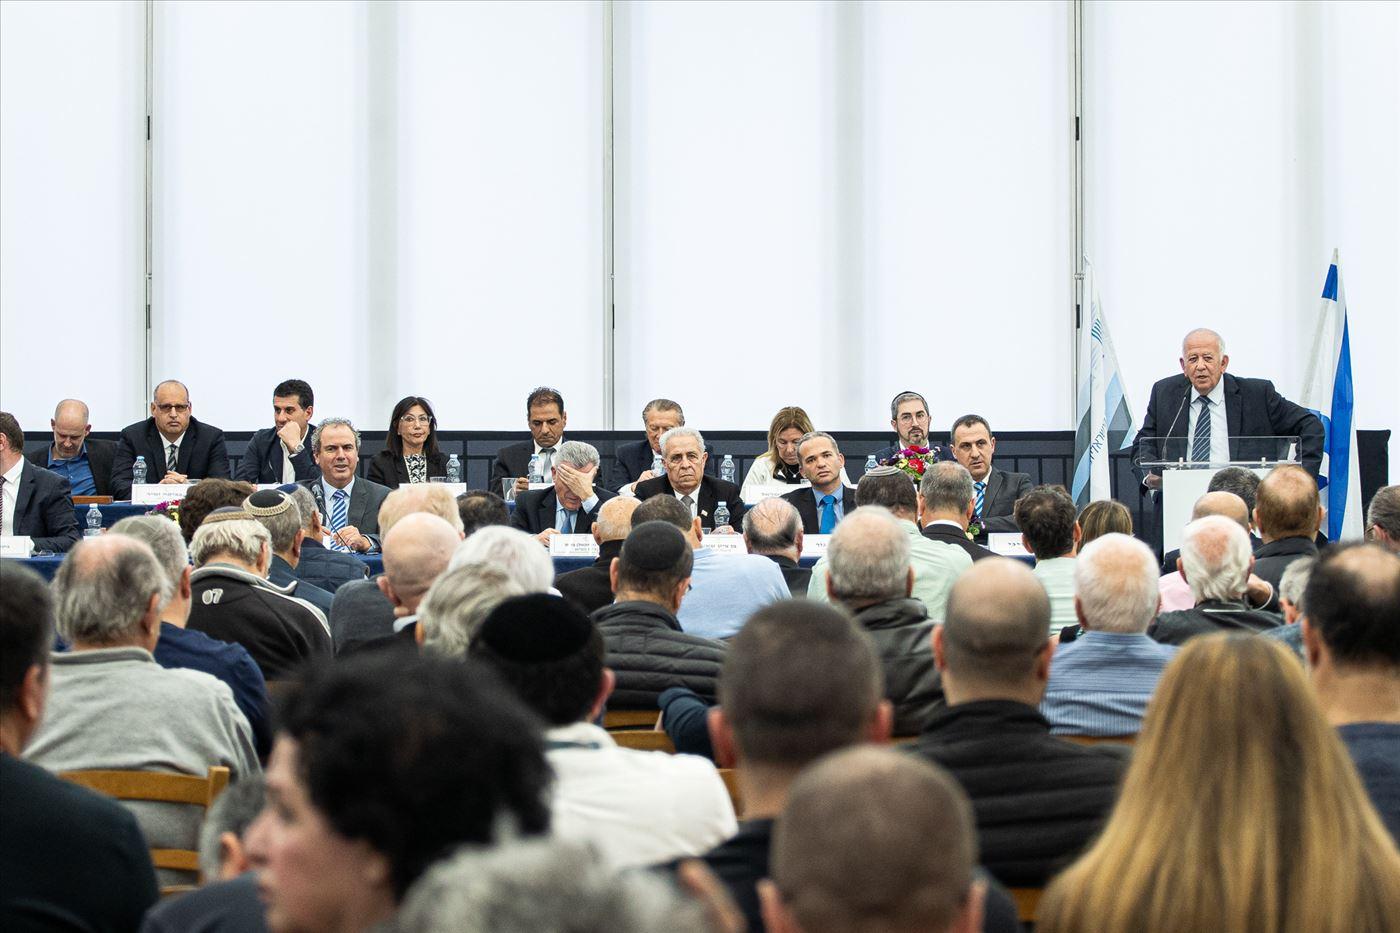 גלרייה - האסיפה הכללית ה-70 תמונה 75 מתוך 239